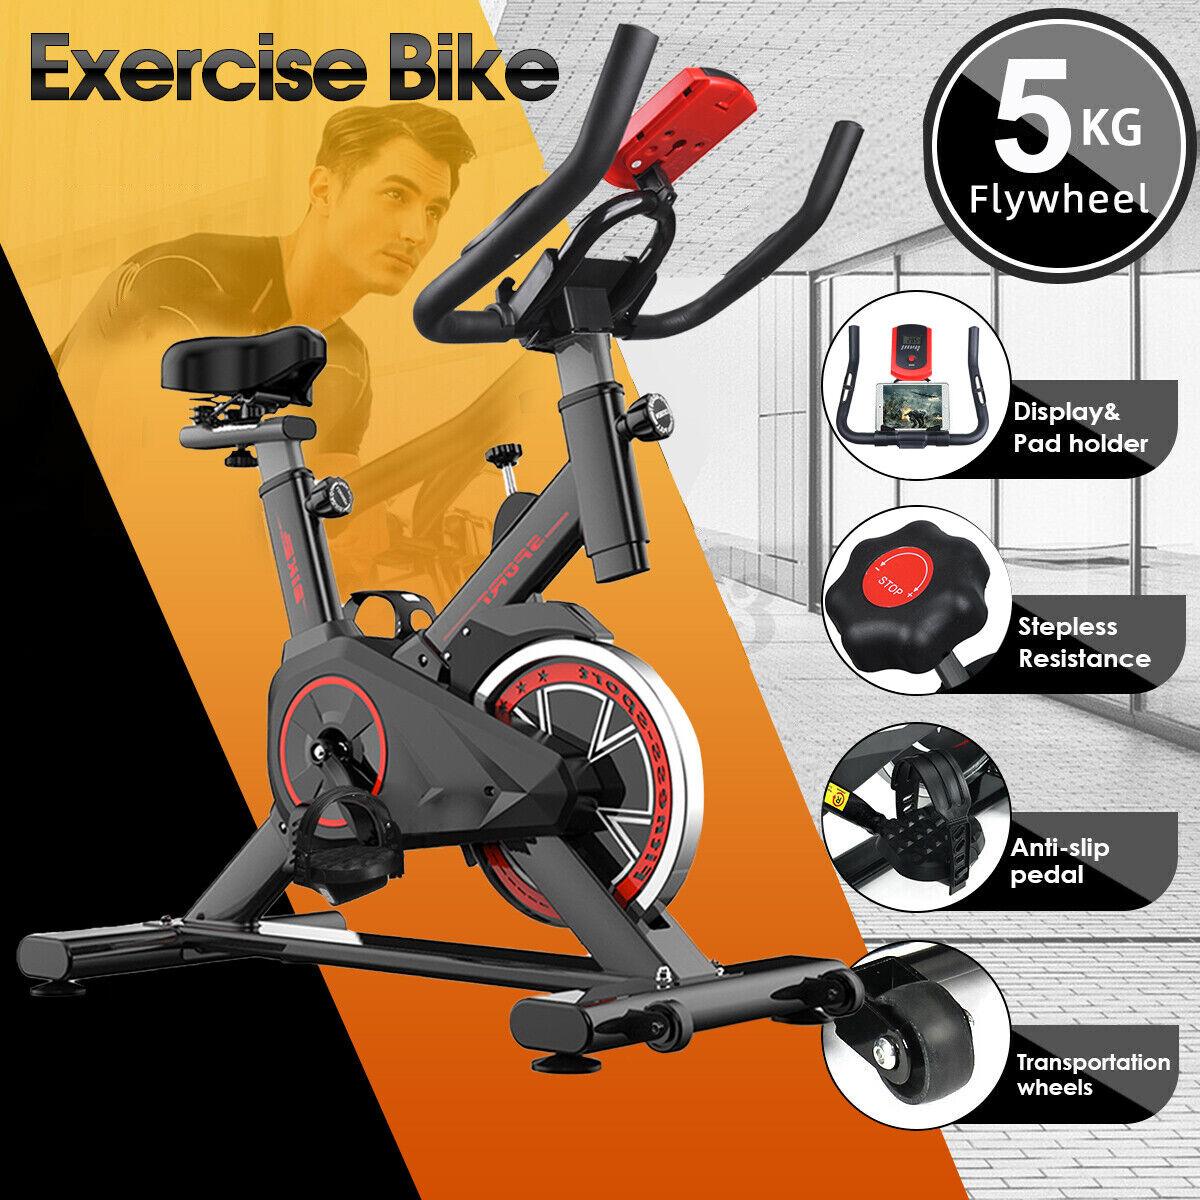 Bicicleta estáticas para Fitness Bici de Gimnasio Calidad Profesional con LCD ES